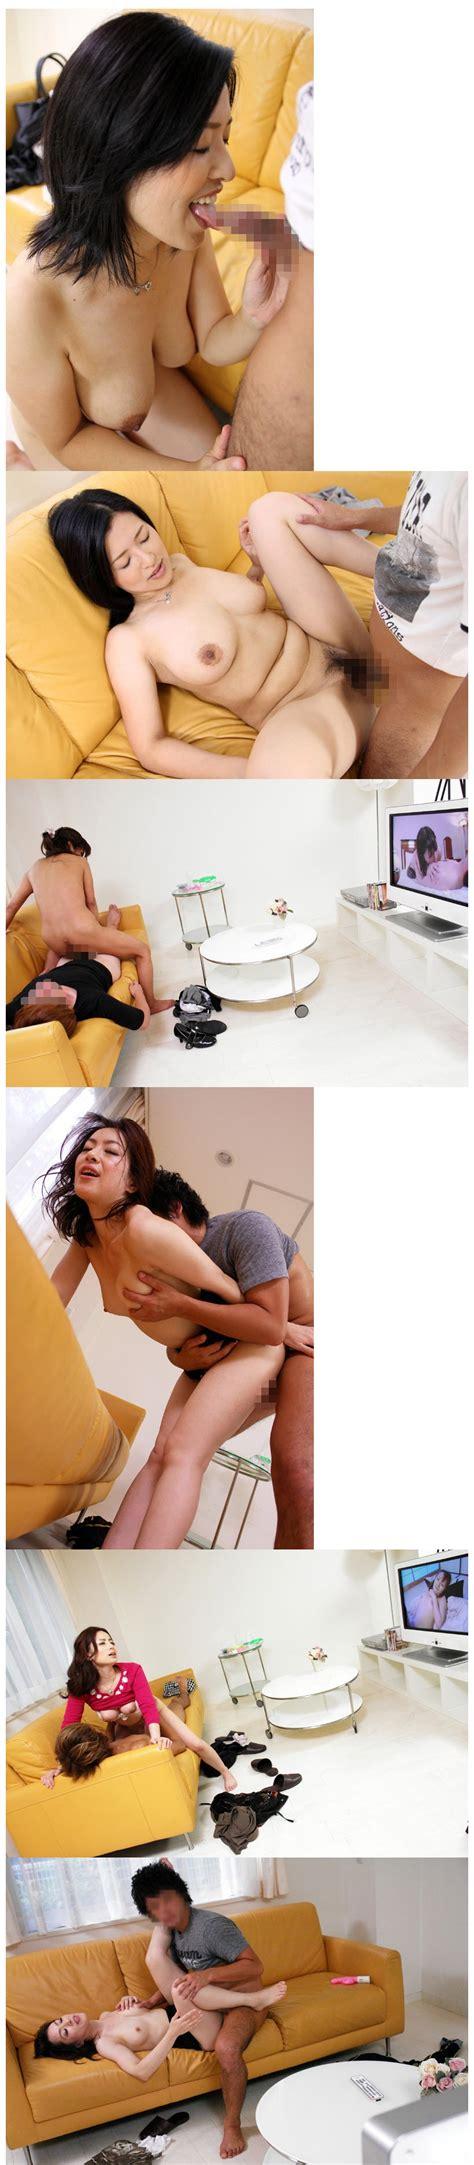 Akbs-001 Porn multiple actress dvd update december 30 2011 | cloudy girl pics